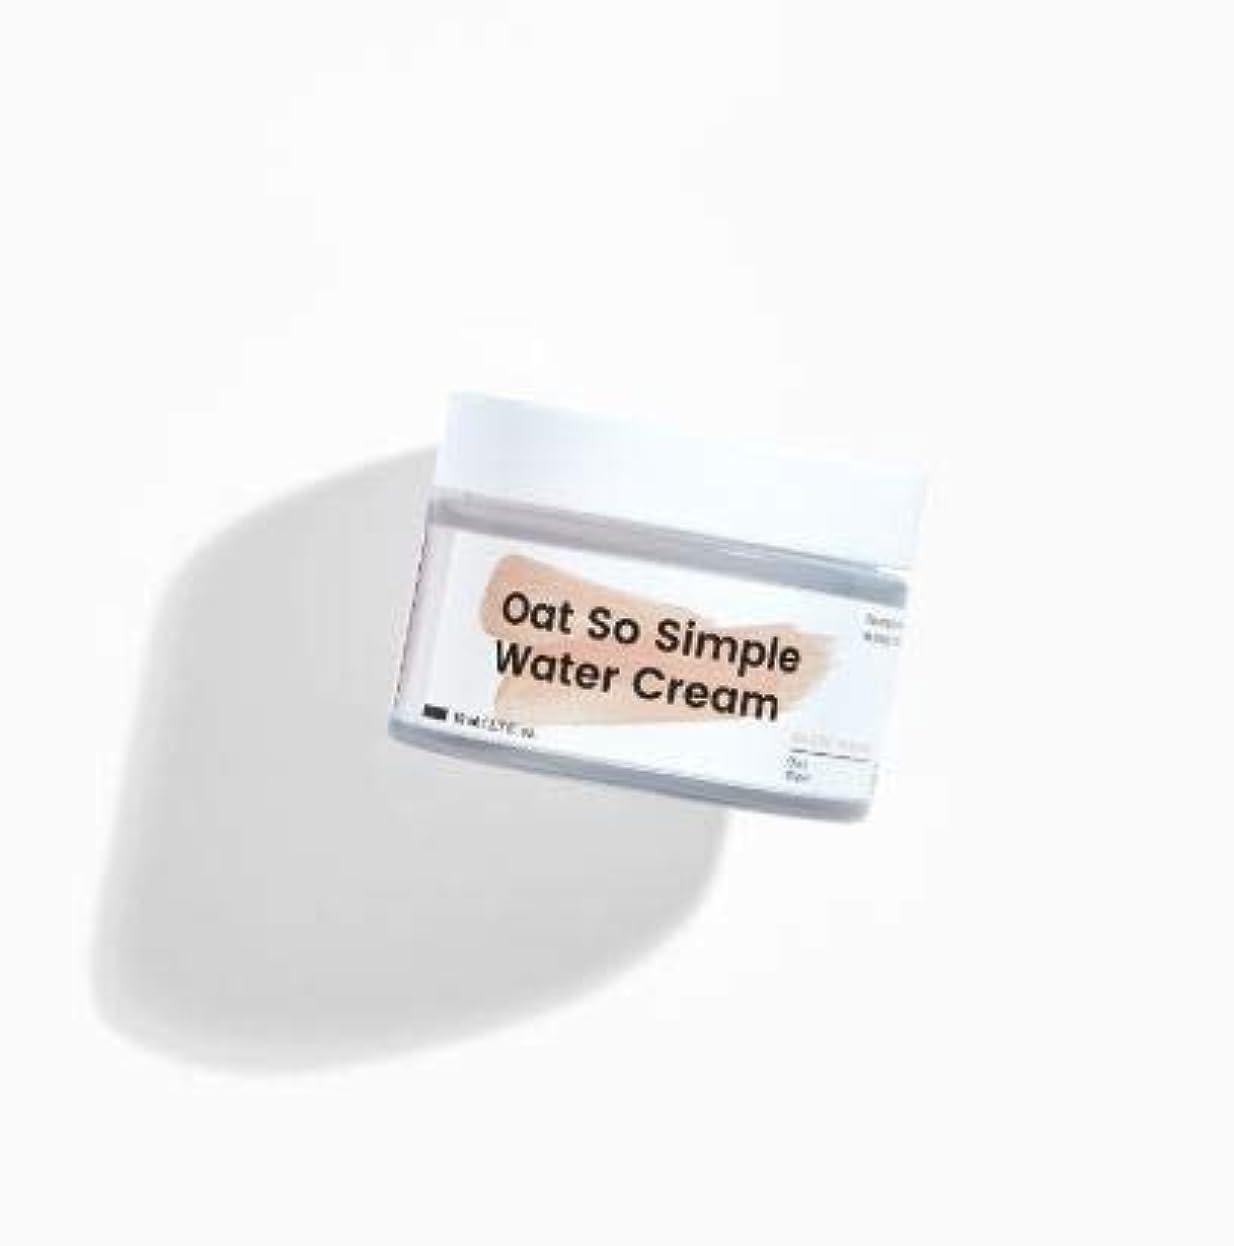 ダイヤモンド探偵凝視[Krave] Oat So Simple Water Cream 80ml [並行輸入品]